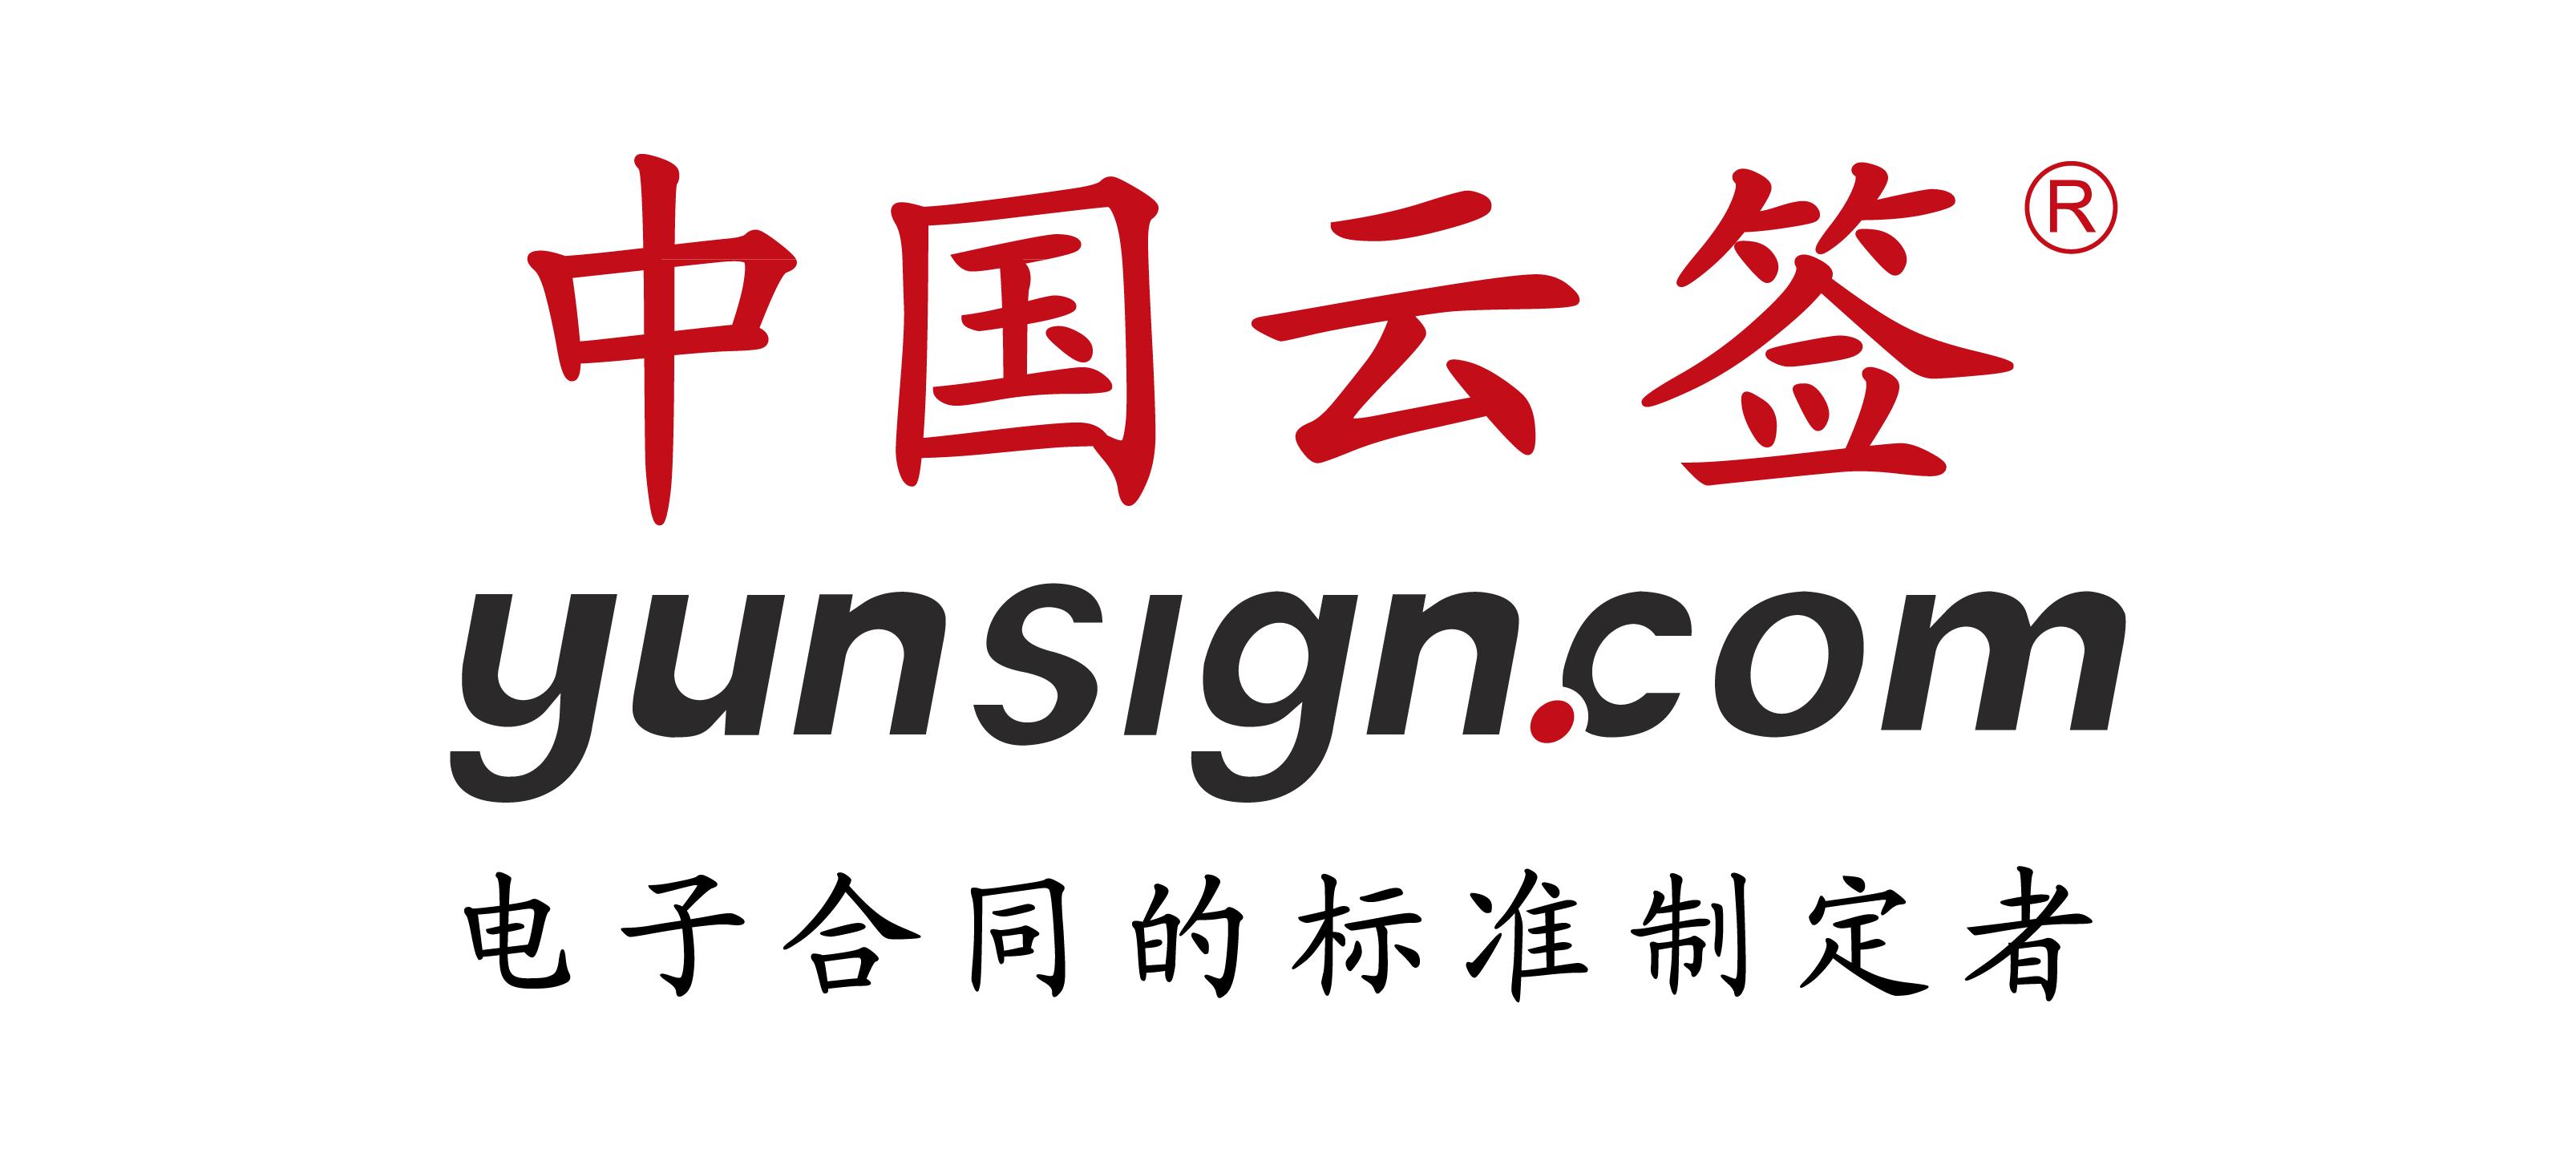 展商信息丨江苏买卖网电子商务有限公司